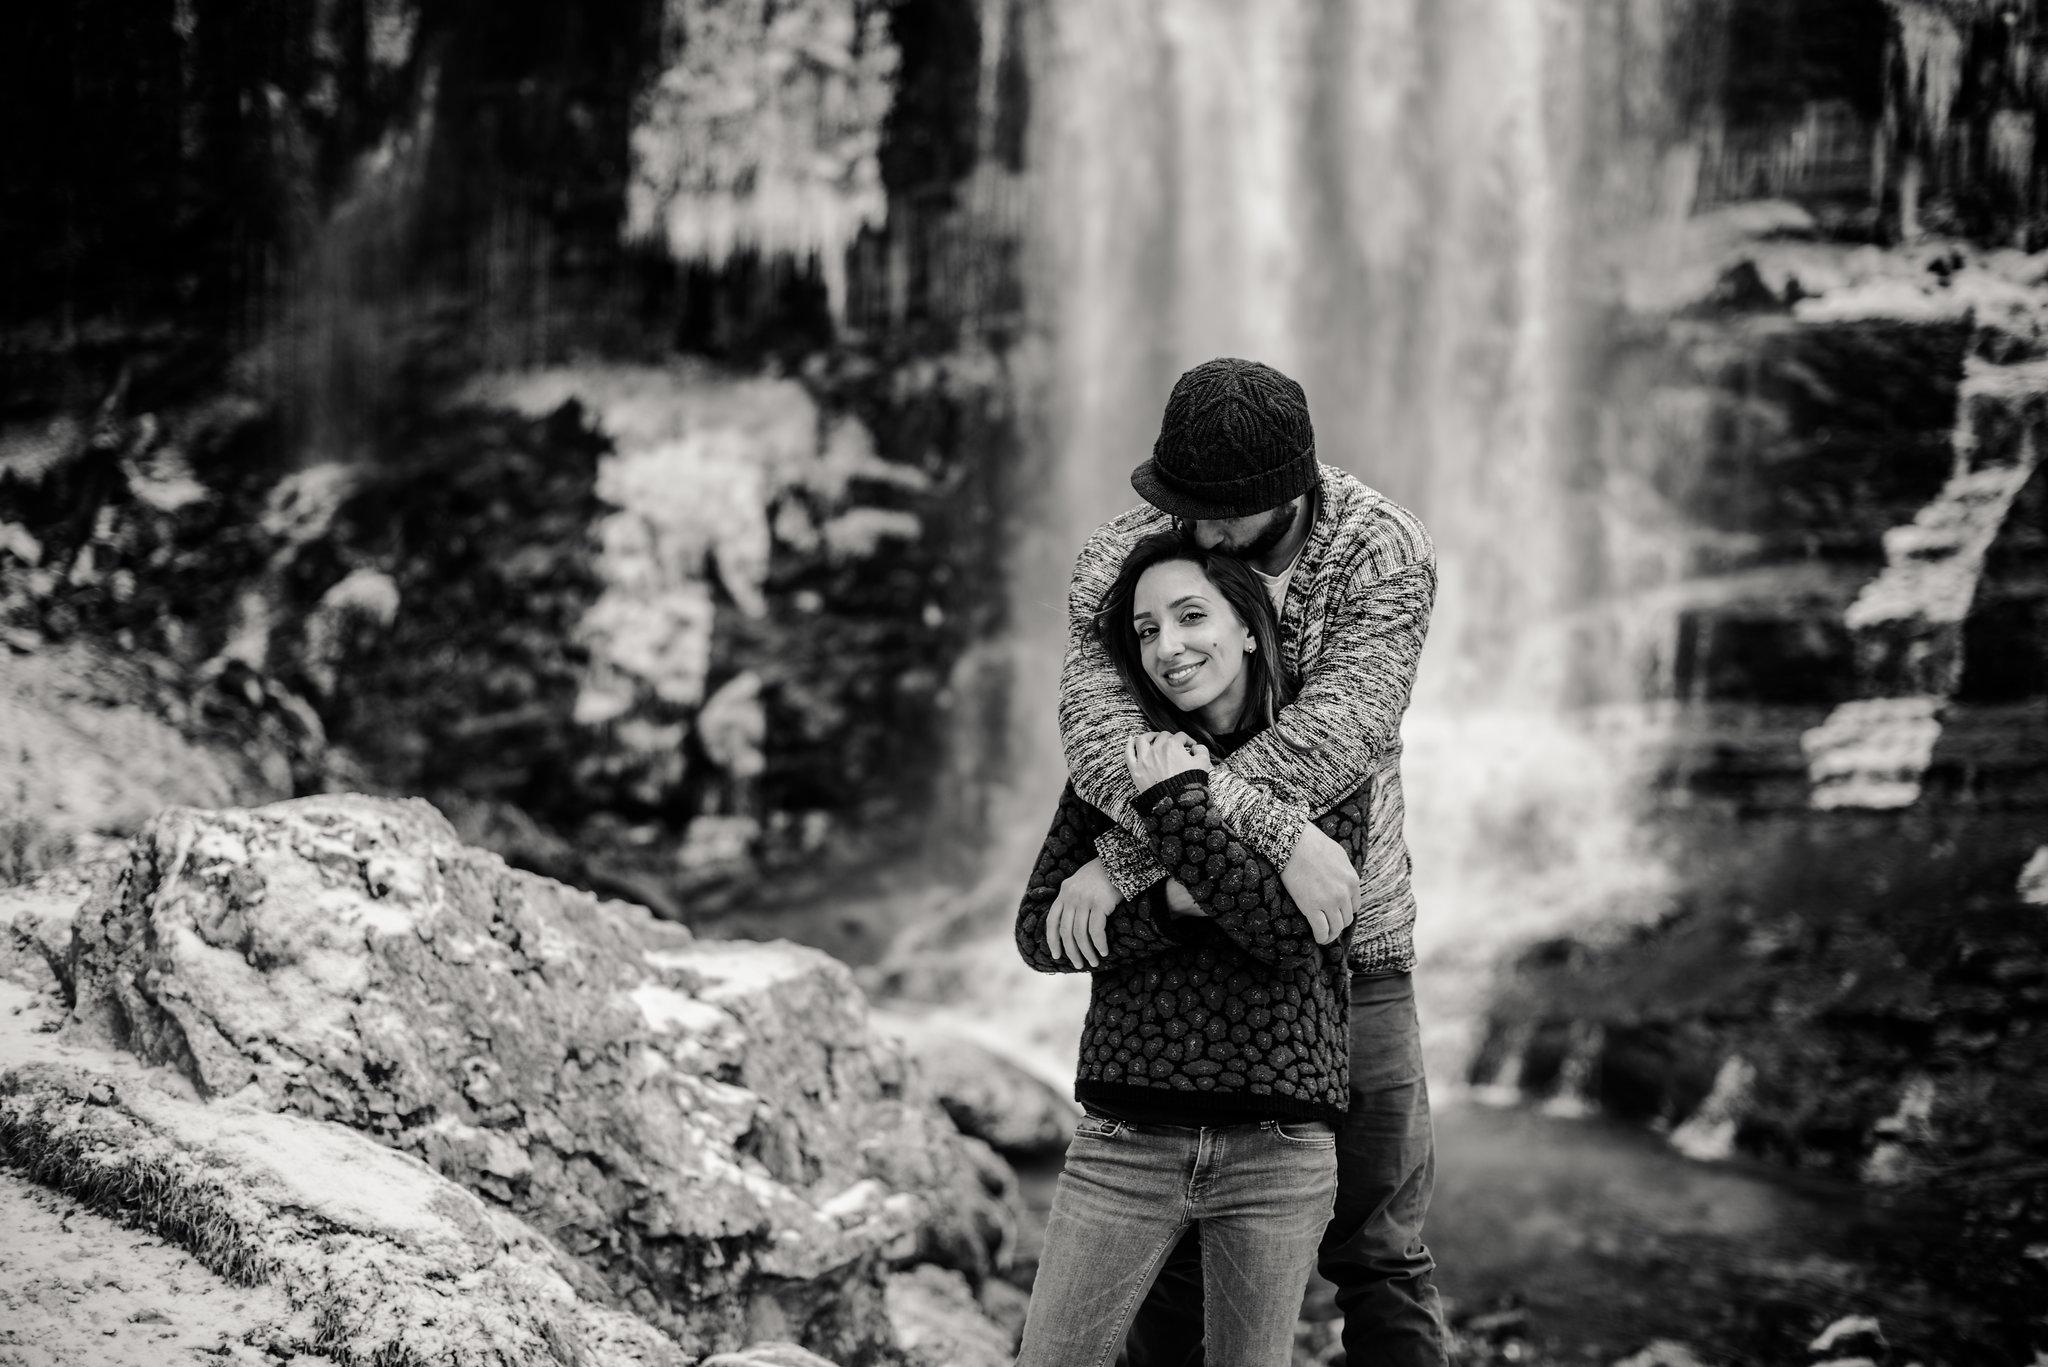 Léa-Fery-photographe-professionnel-lyon-rhone-alpes-portrait-creation-mariage-evenement-evenementiel-famille-4884.jpg